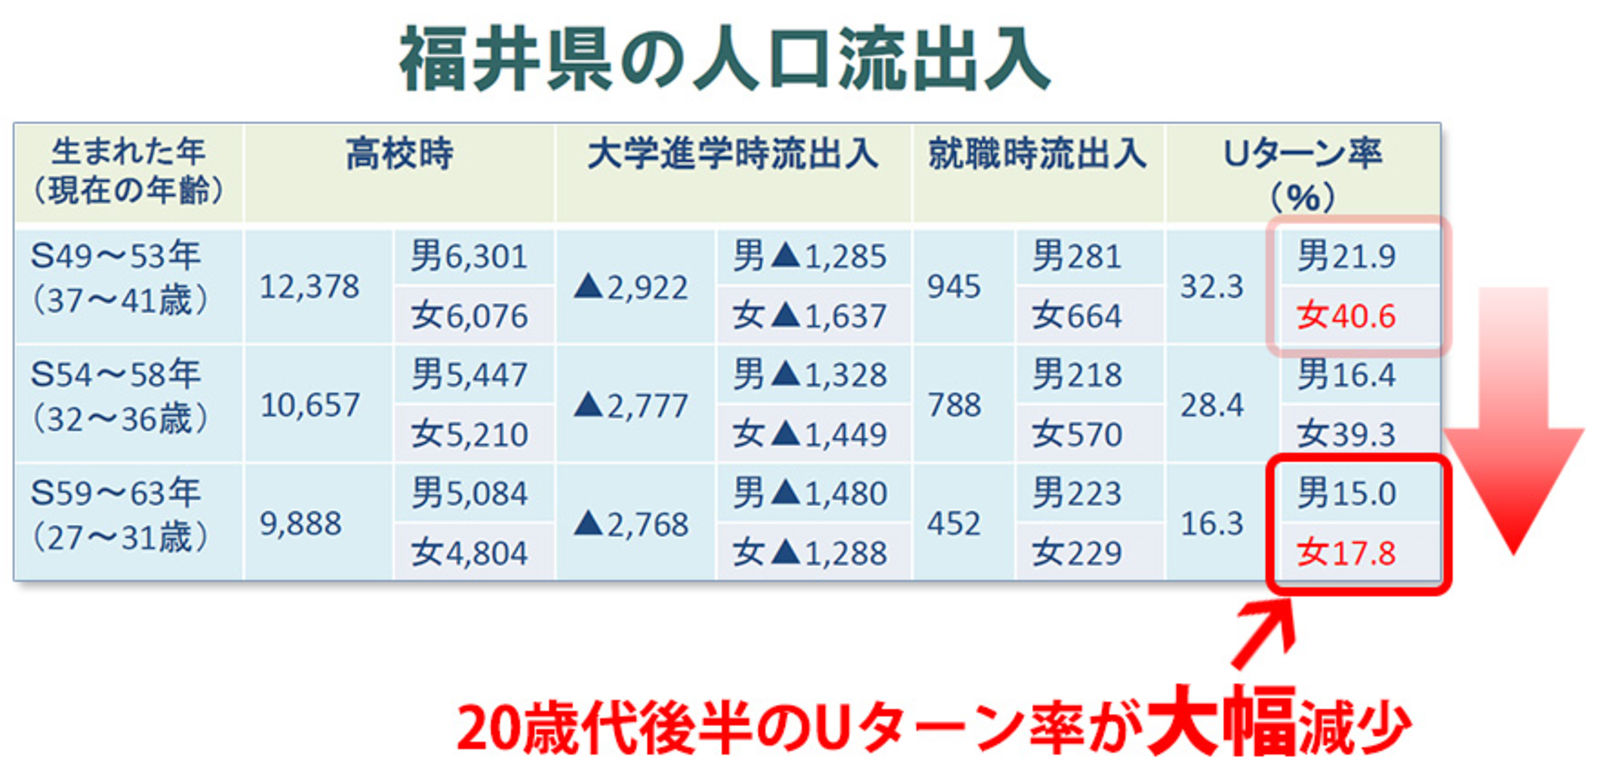 現在福井県で唯一人口が増えている鯖江ですが、2060年には2万人減、県全体では28万人減と推測されています